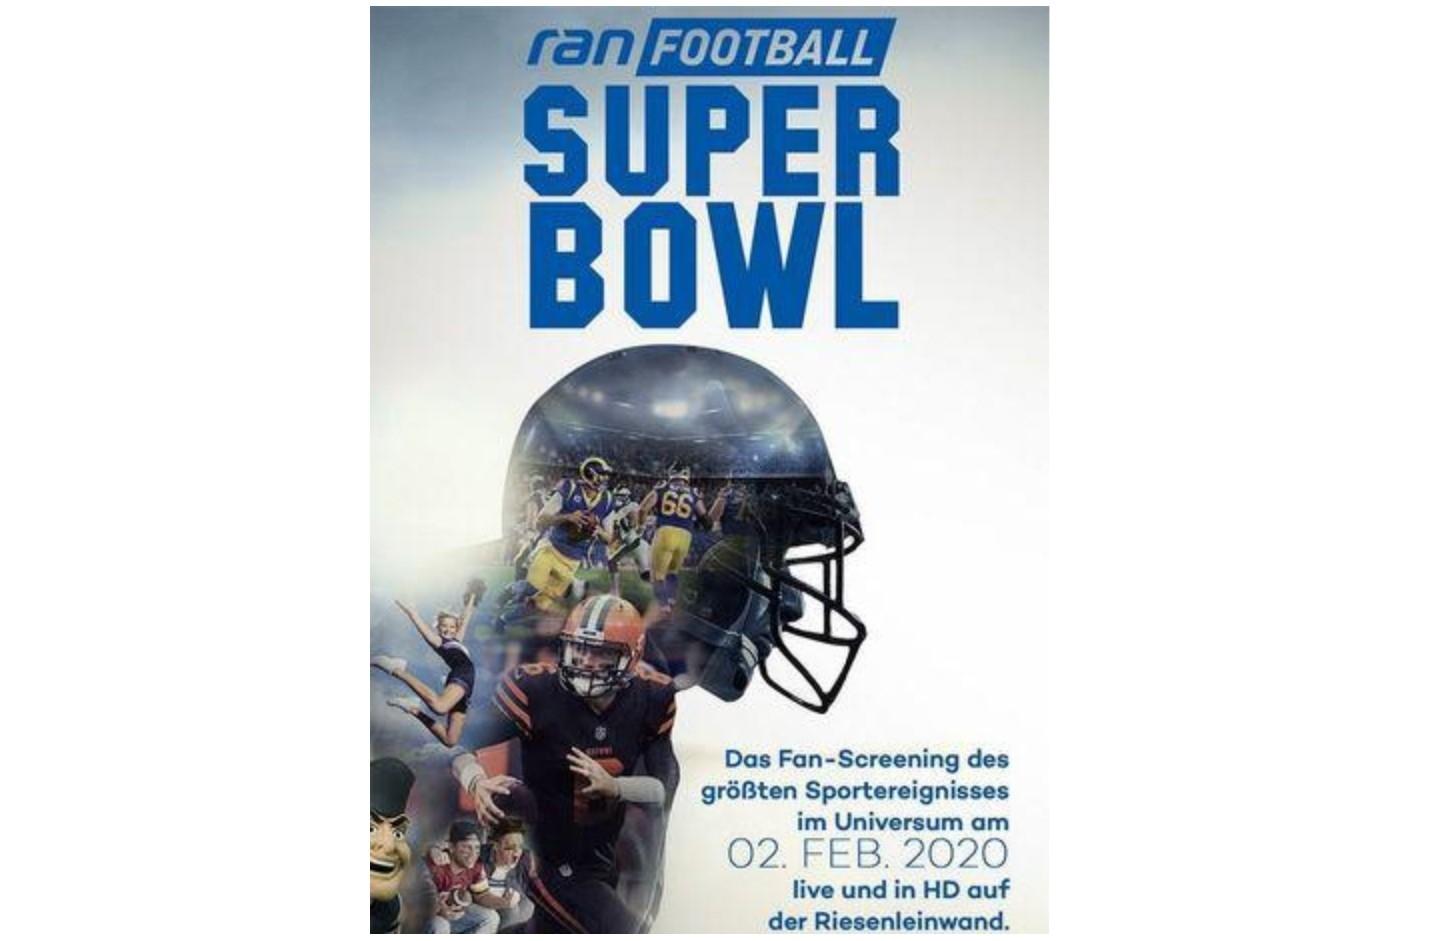 02.02.2020 Super Bowl Live Im Kino Königsbrunn | Radio Schwaben throughout Super Bowl Miami 2019